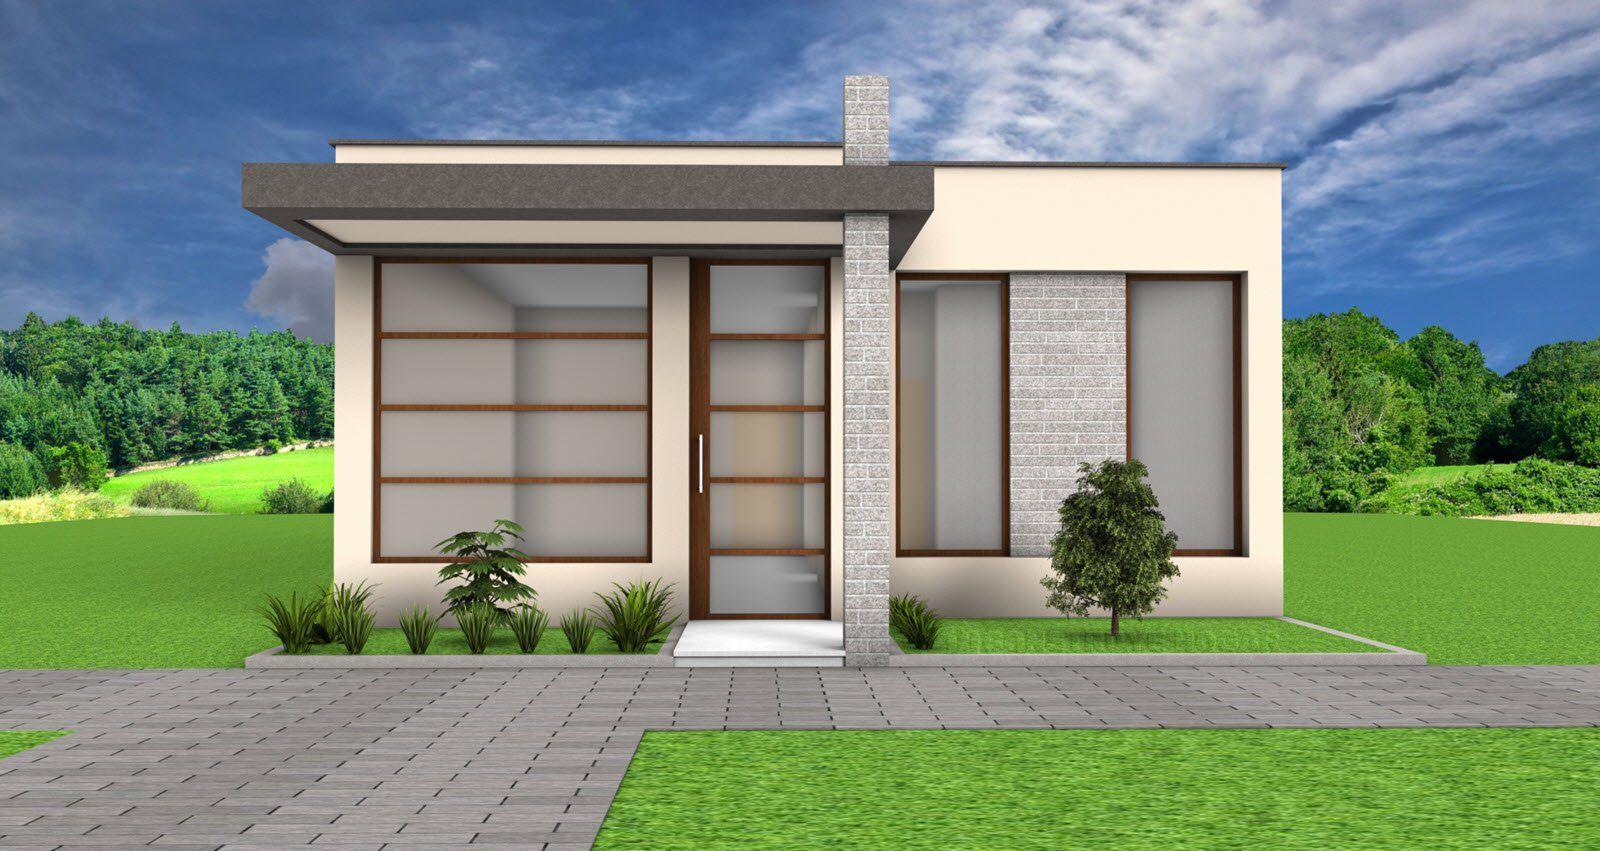 Idea De Diseno Casa Pequena Un Piso Fachadas De Casas Modernas Fachada De Casa Y Diseno Casas Pequenas